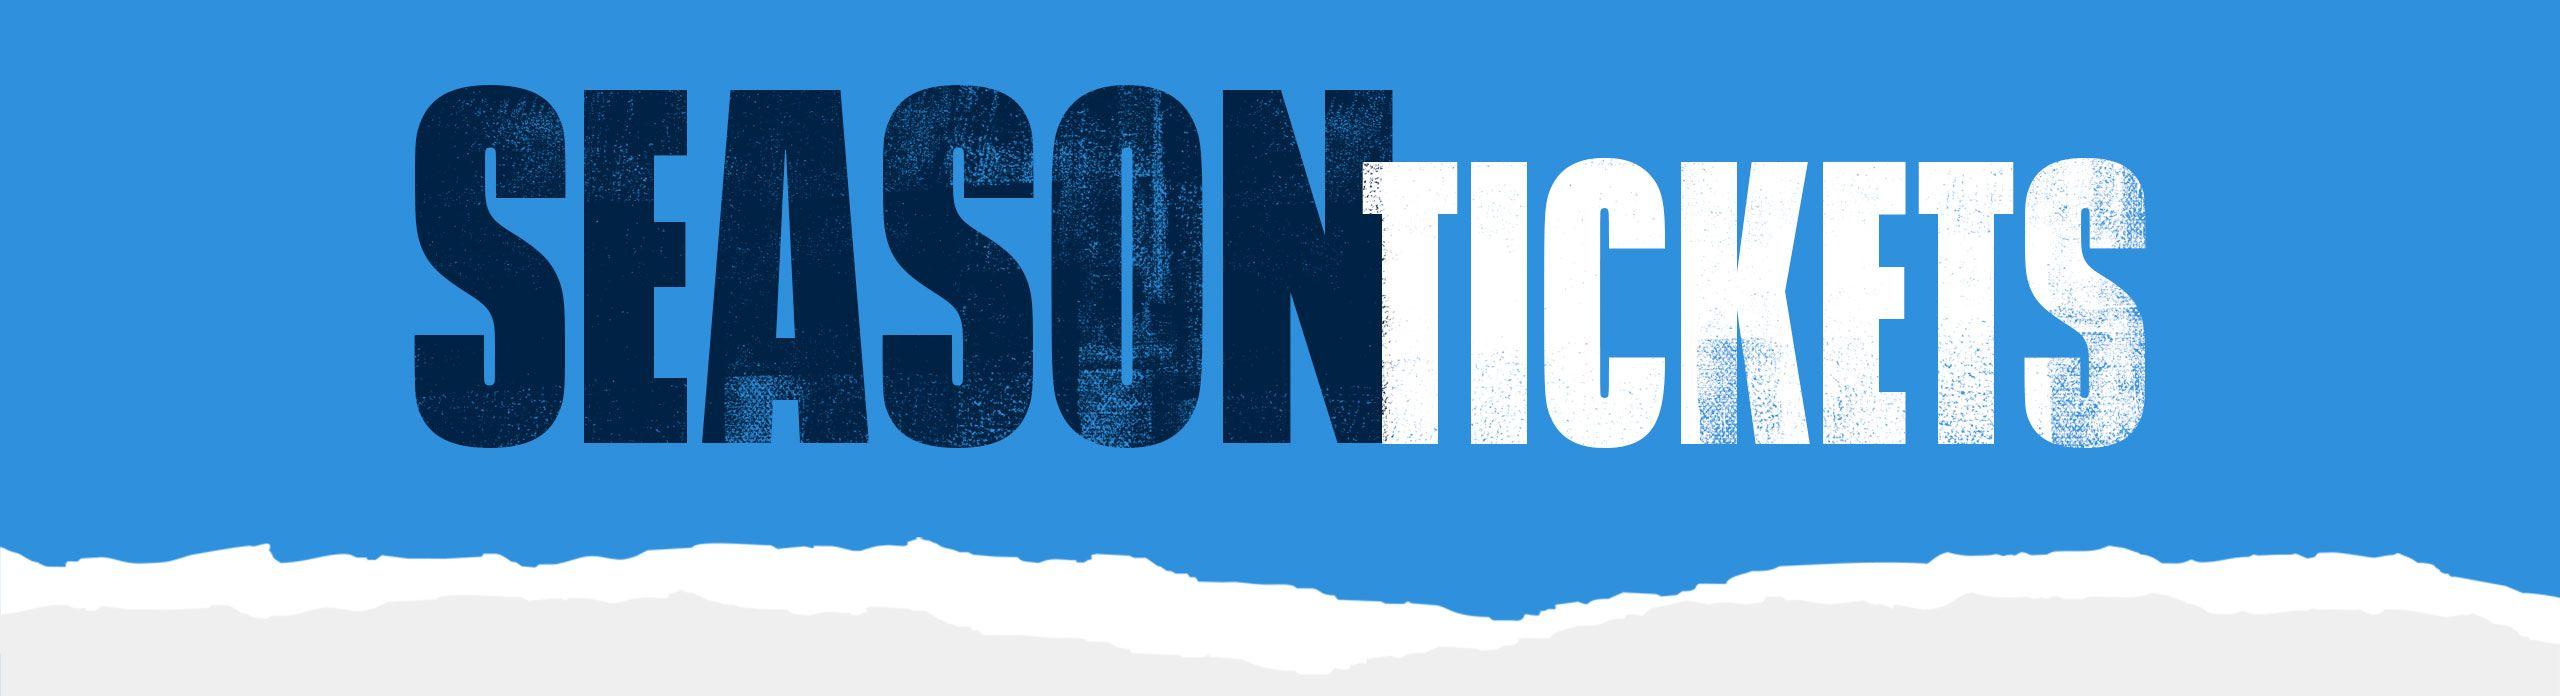 season-tickets2